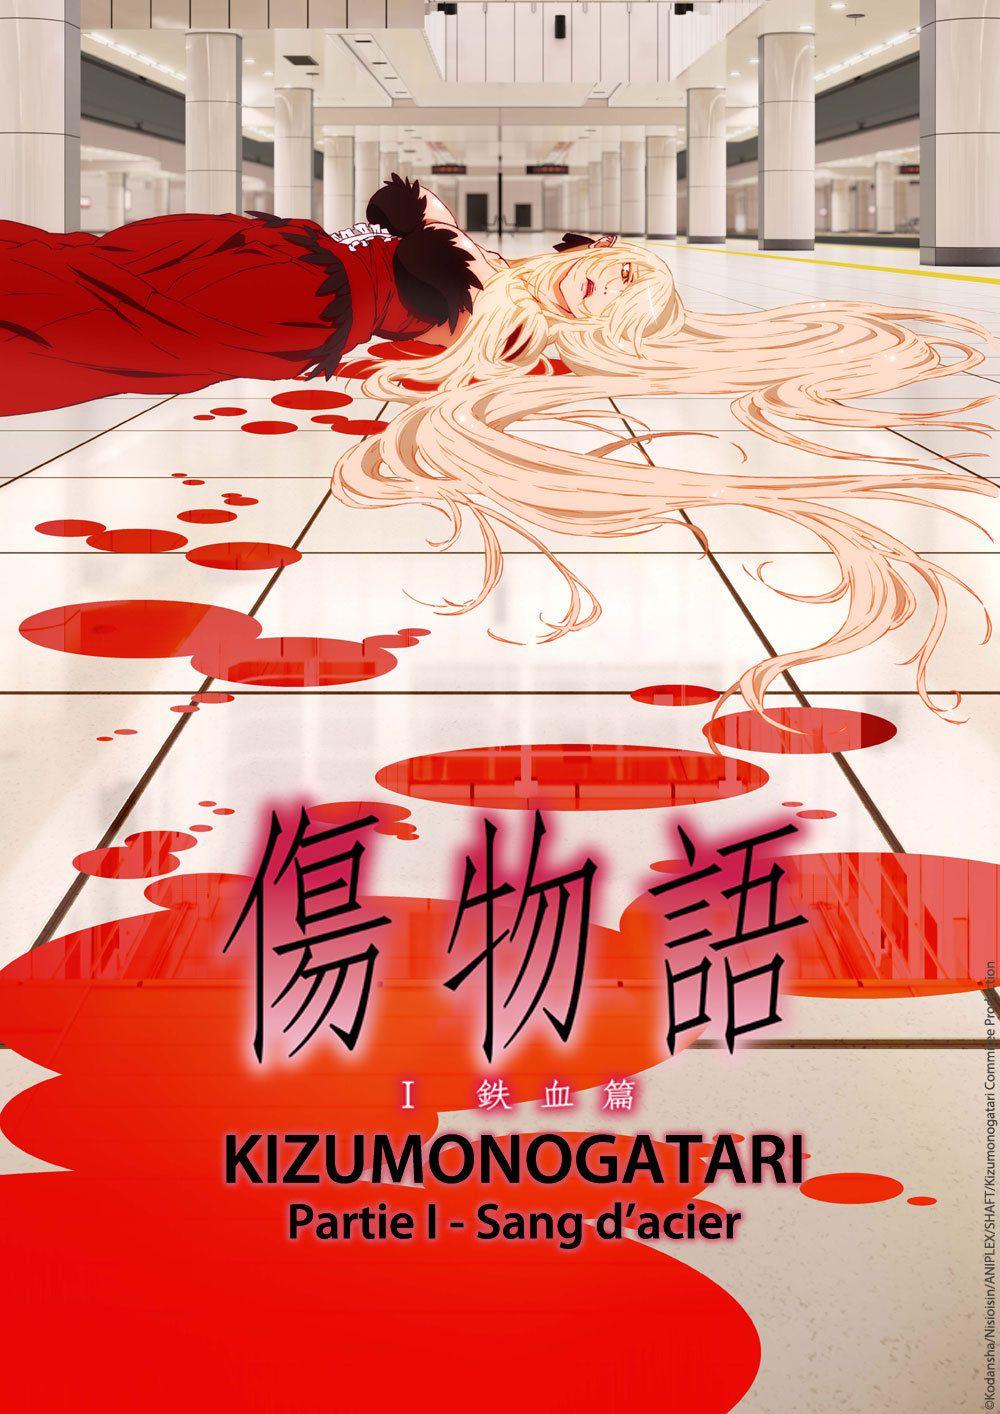 Kizumonogatari Partie 1 : Sang d'acier - Long-métrage d'animation (2016)